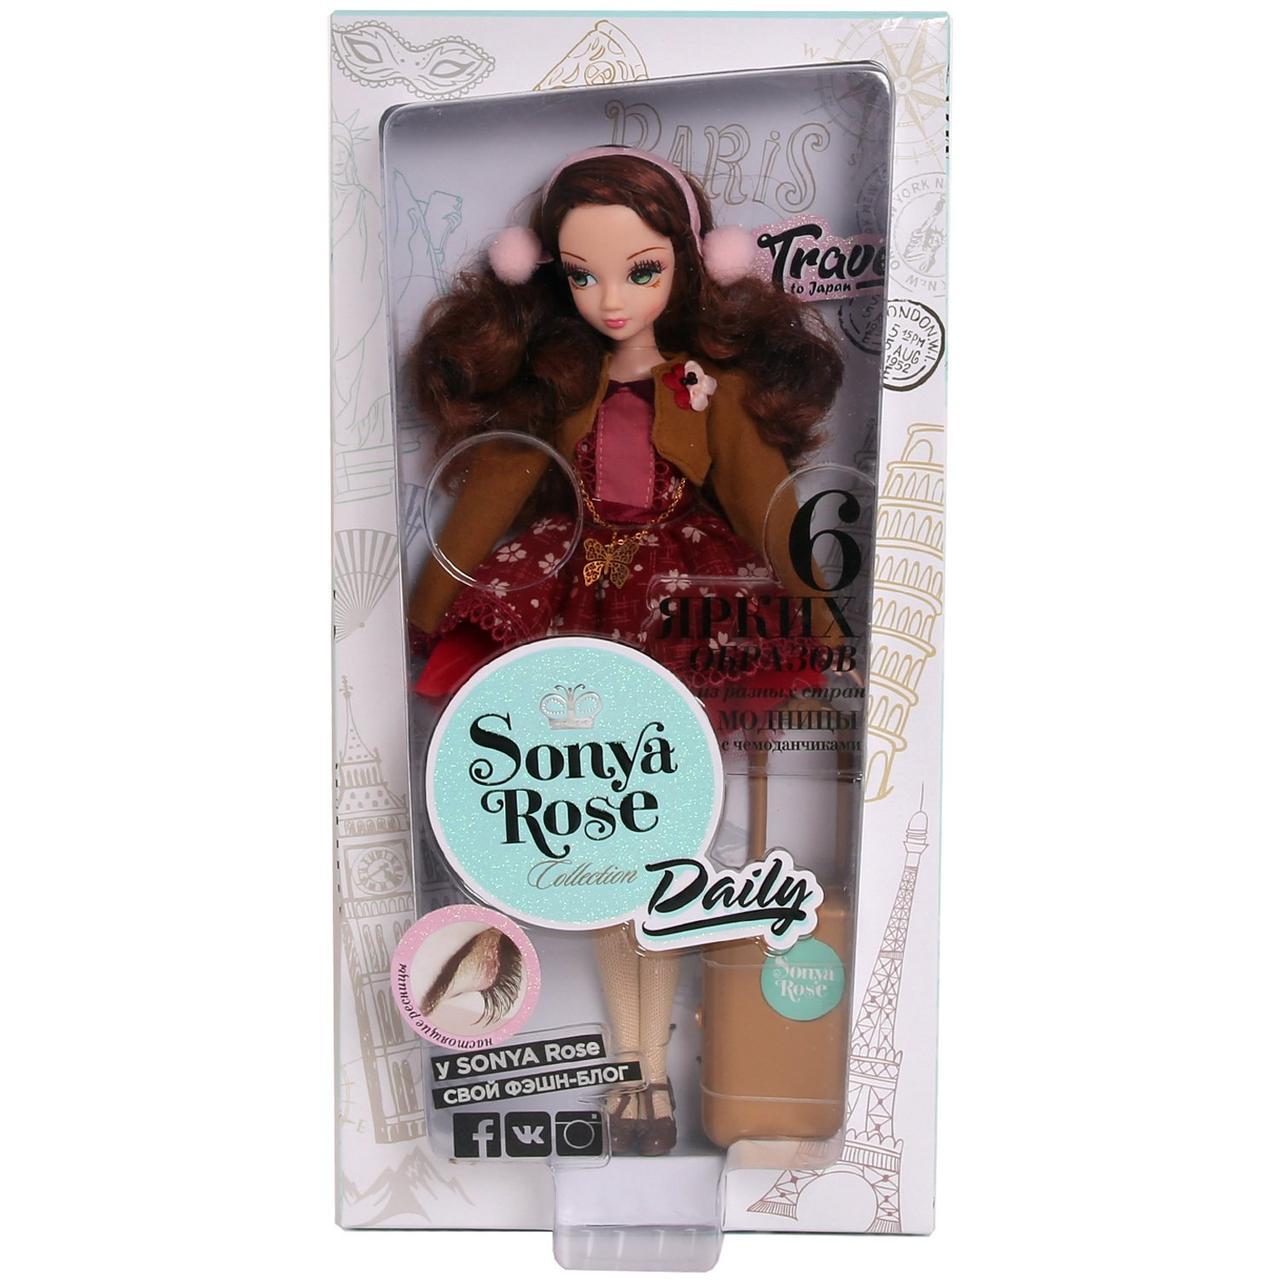 """Кукла Sonya Rose, серия """"Daily collection"""" Путешествие в Японию (Gulliver, Россия) - фото 5"""